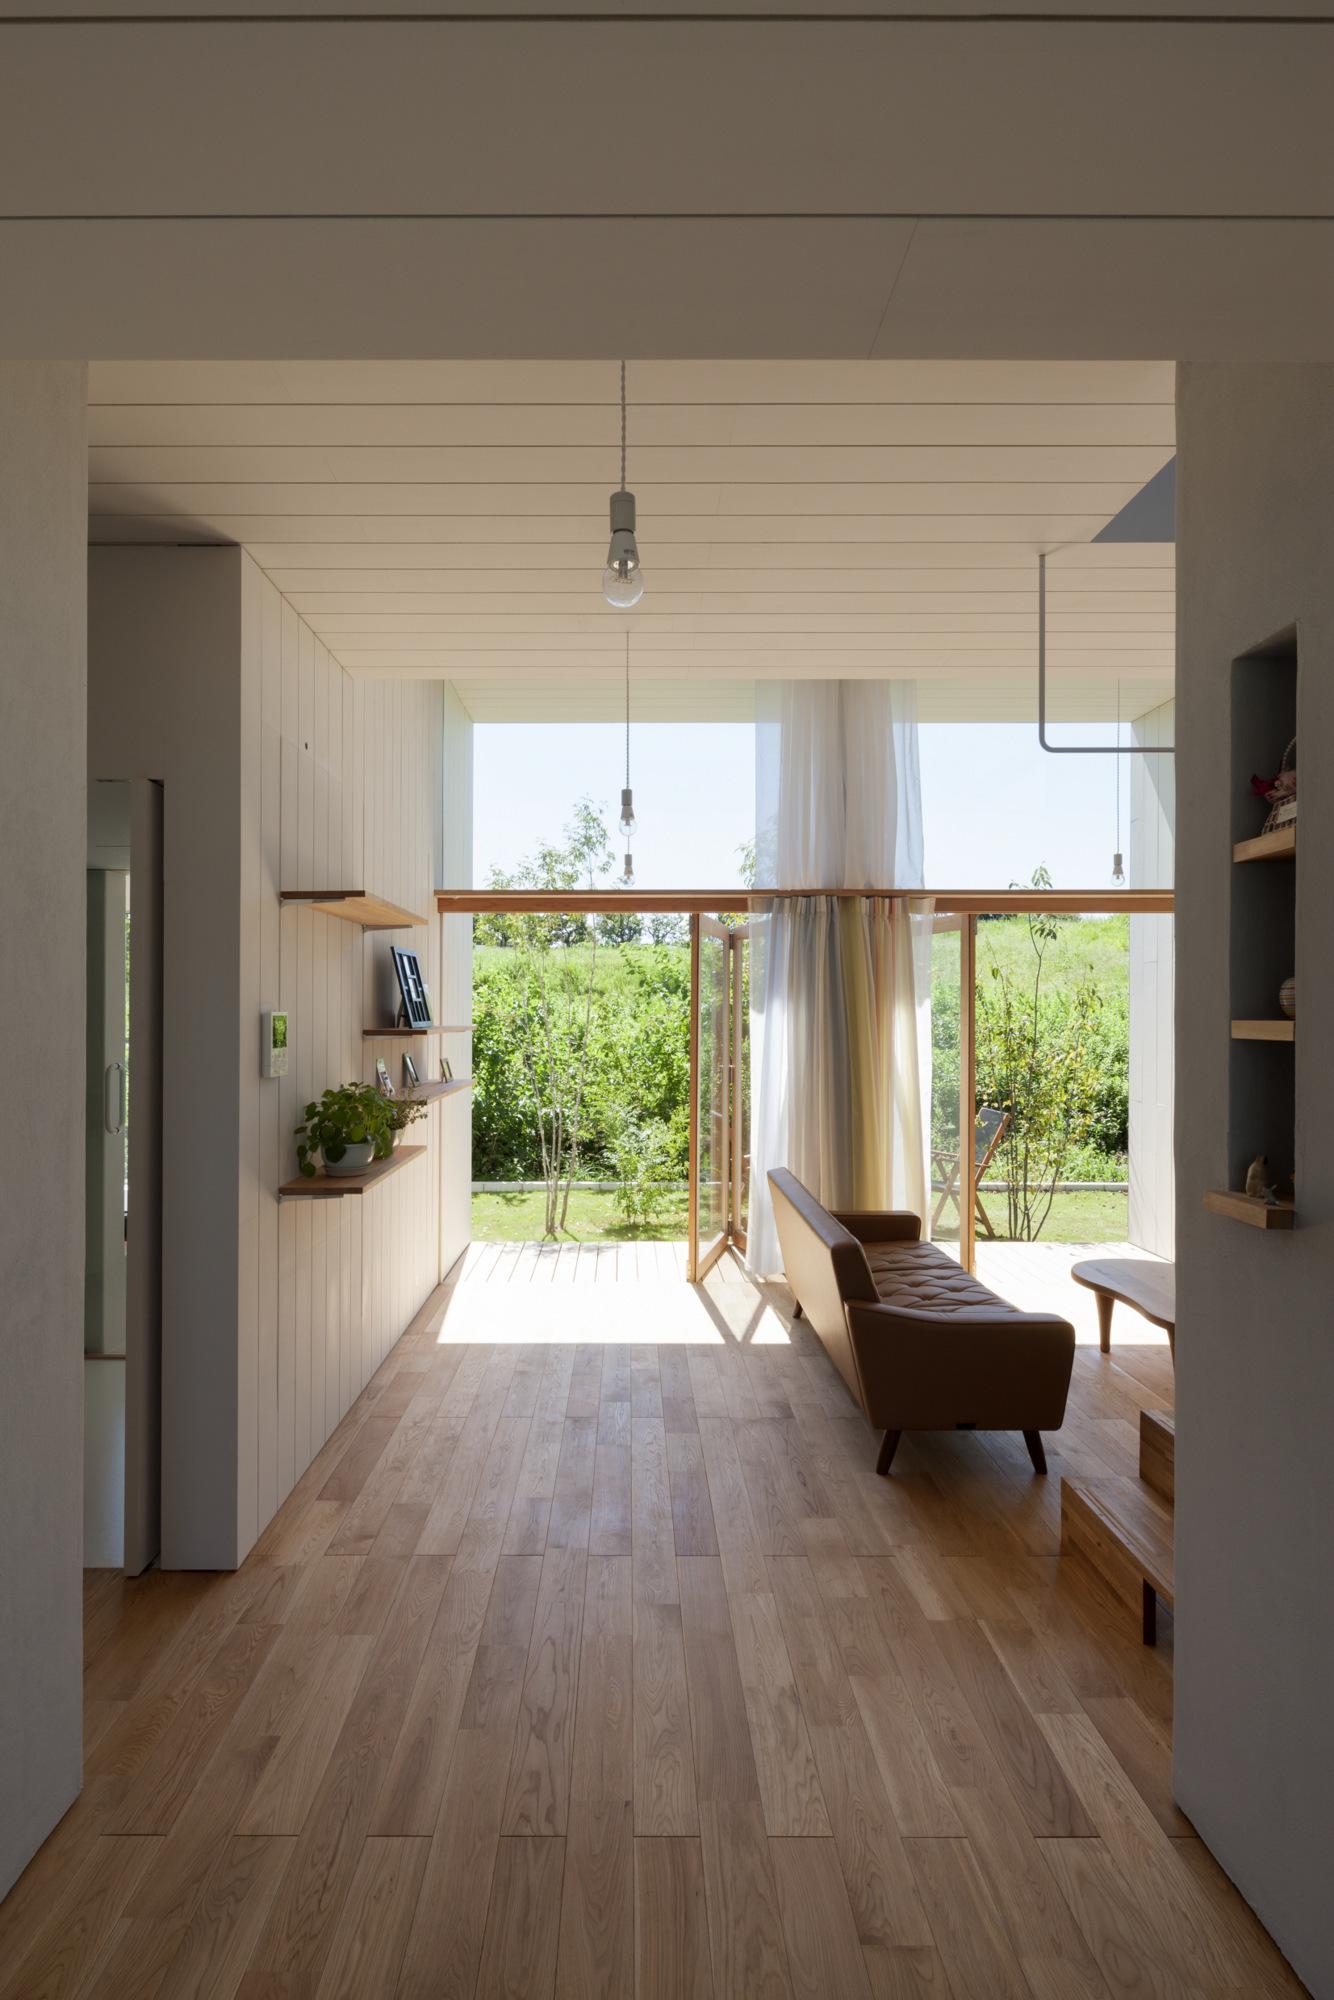 House Passage of Landscape / Ihrmk (13)